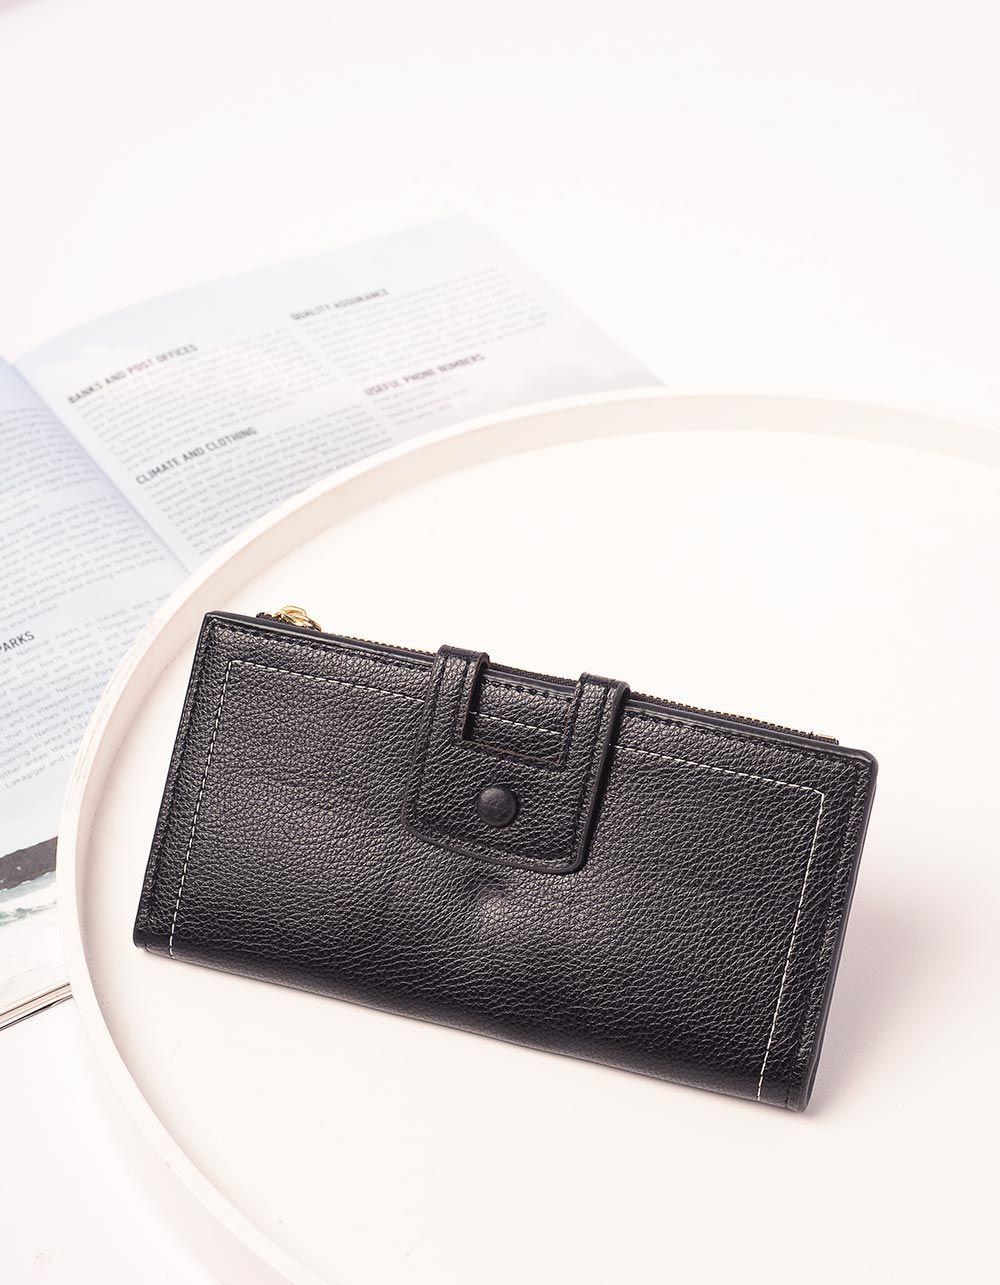 Гаманець жіночий з відділом для візиток та карток | 239114-02-XX